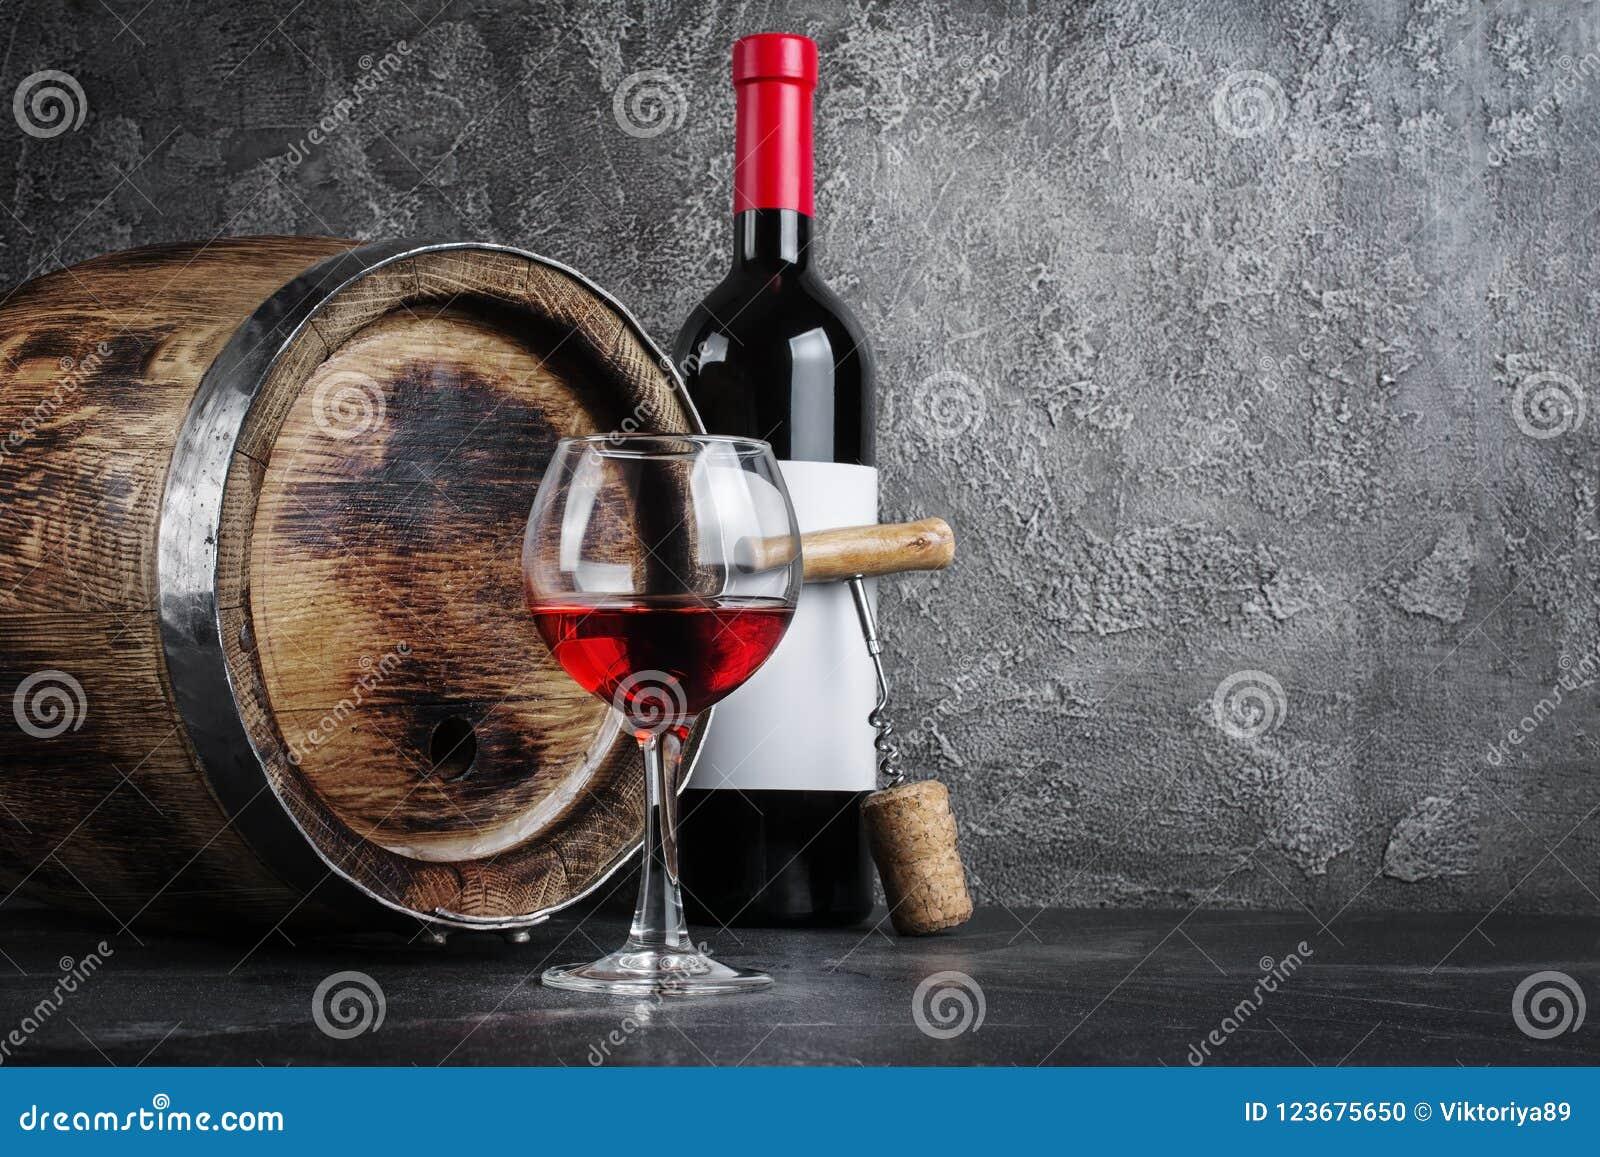 Bouteille de vin rouge avec le verre pour goûter et baril en bois dans la cave foncée